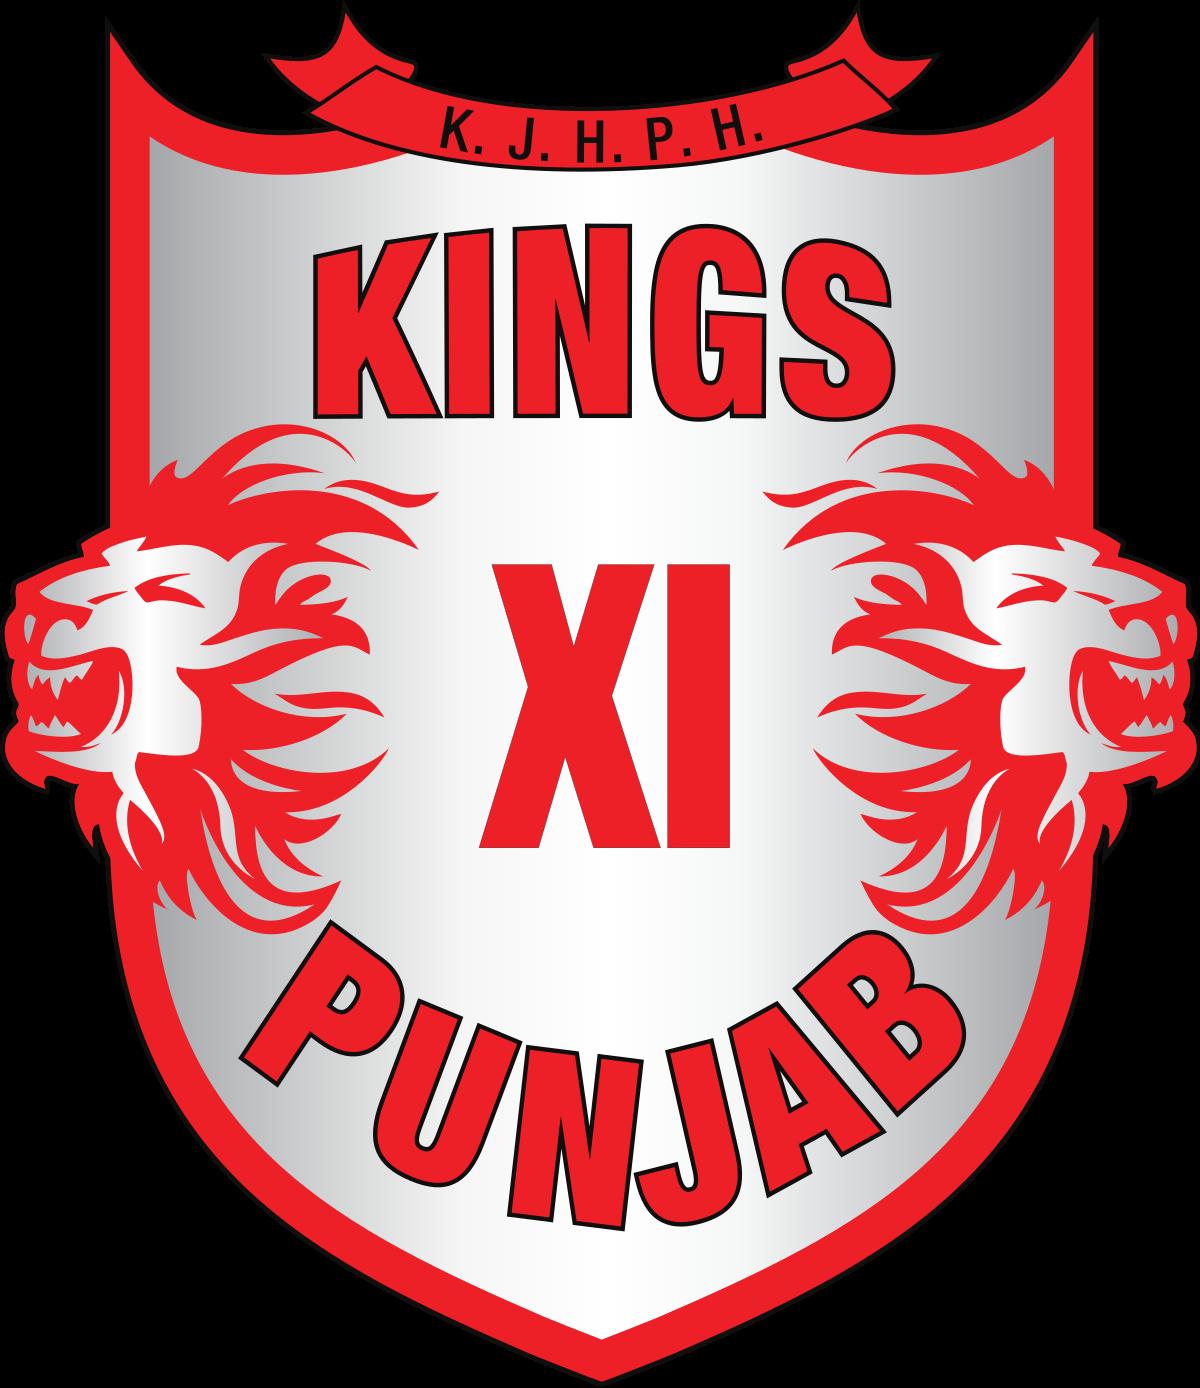 Kings XI Punjab named as Punjab kings